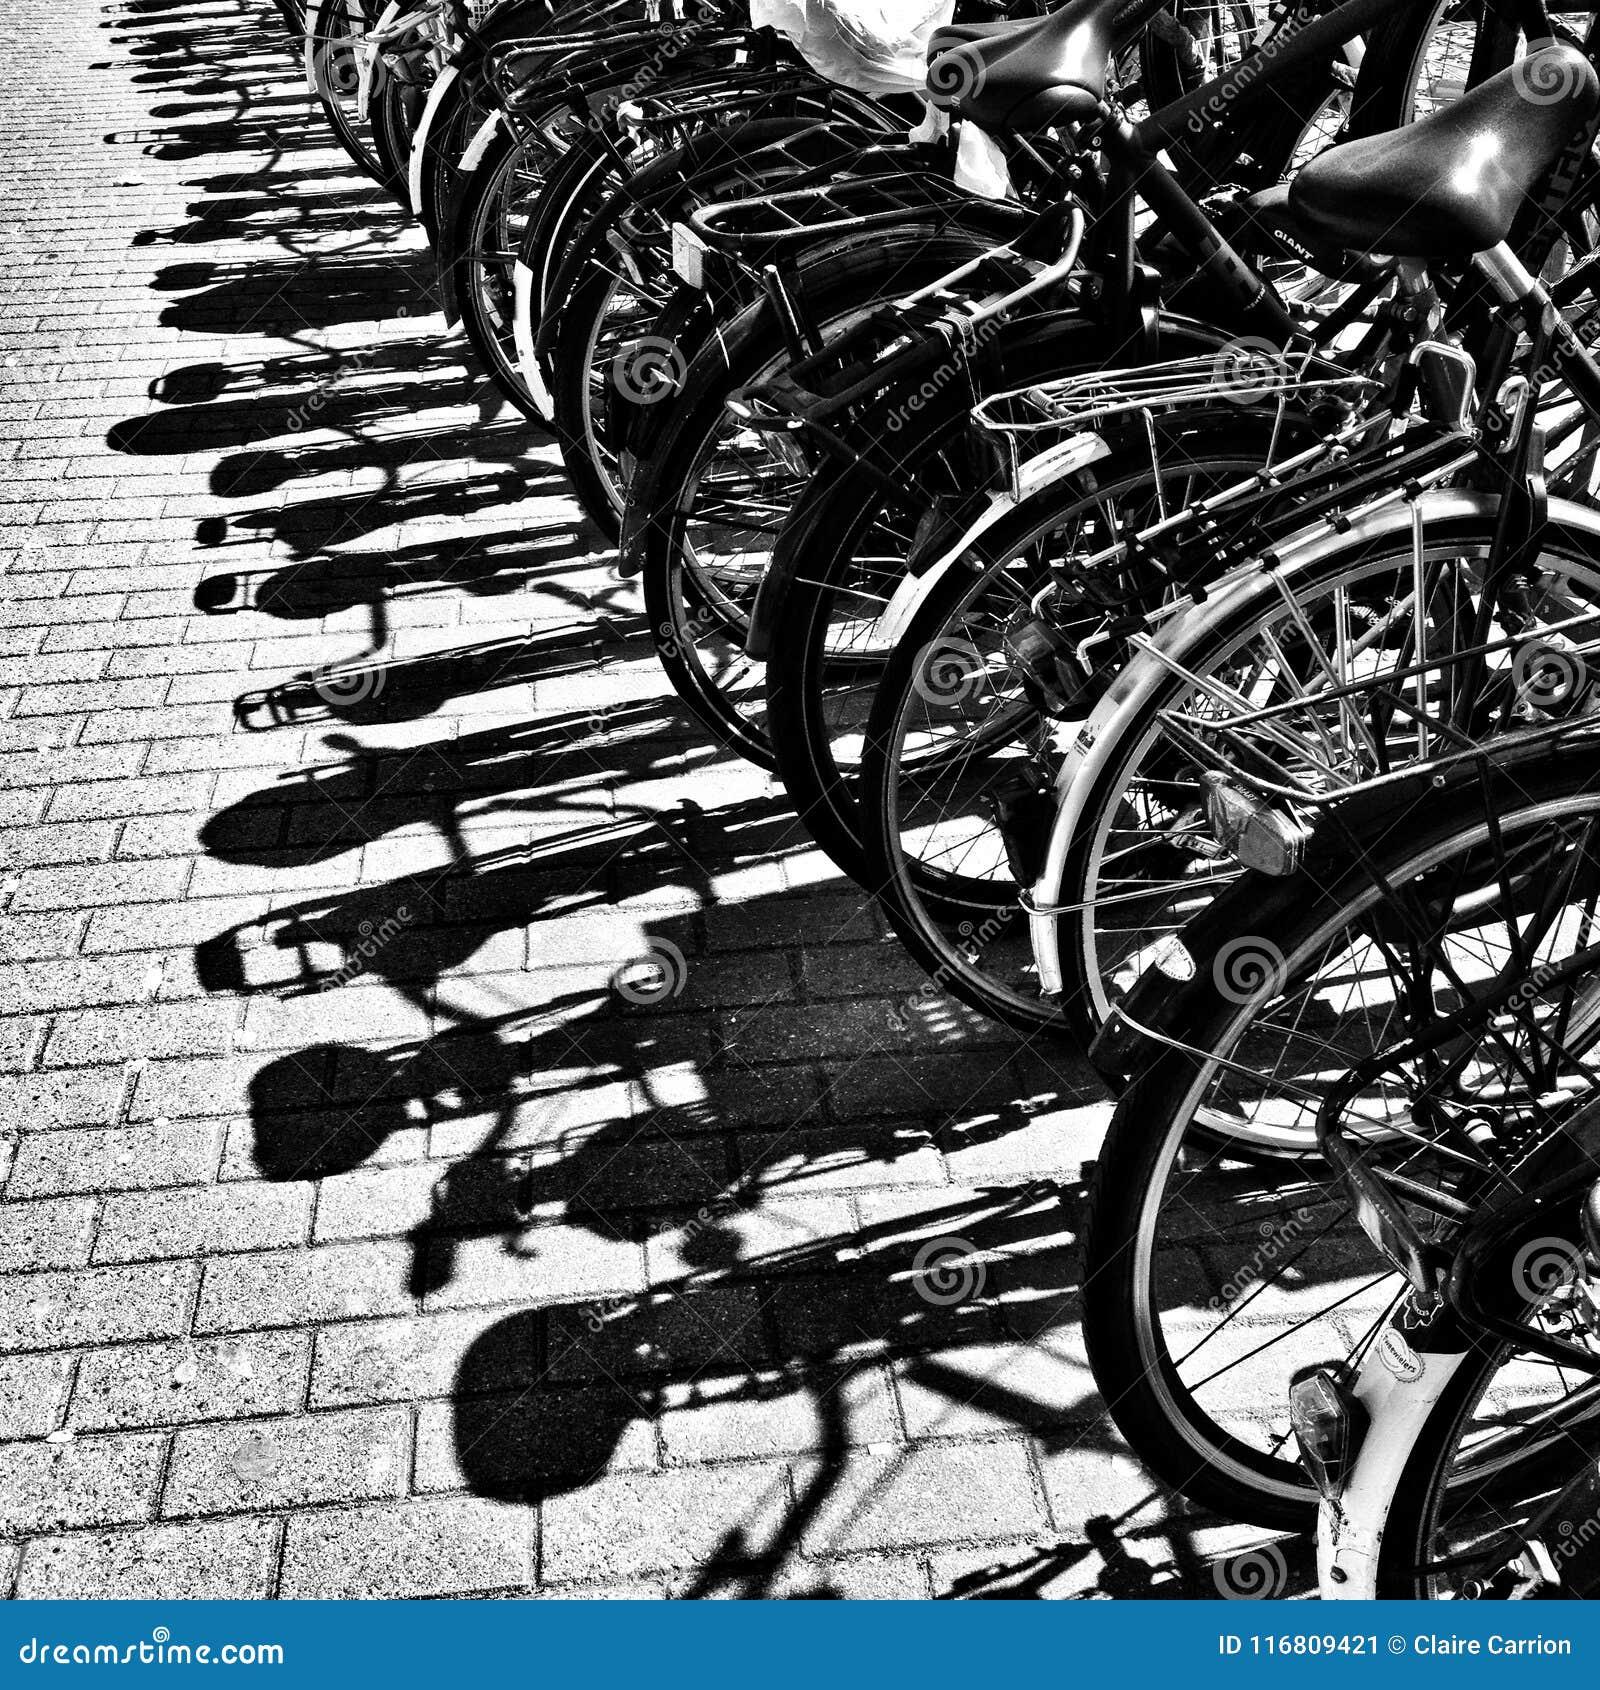 Dettaglio delle bici parcheggiate con le ombre sulla pavimentazione a Amsterdam